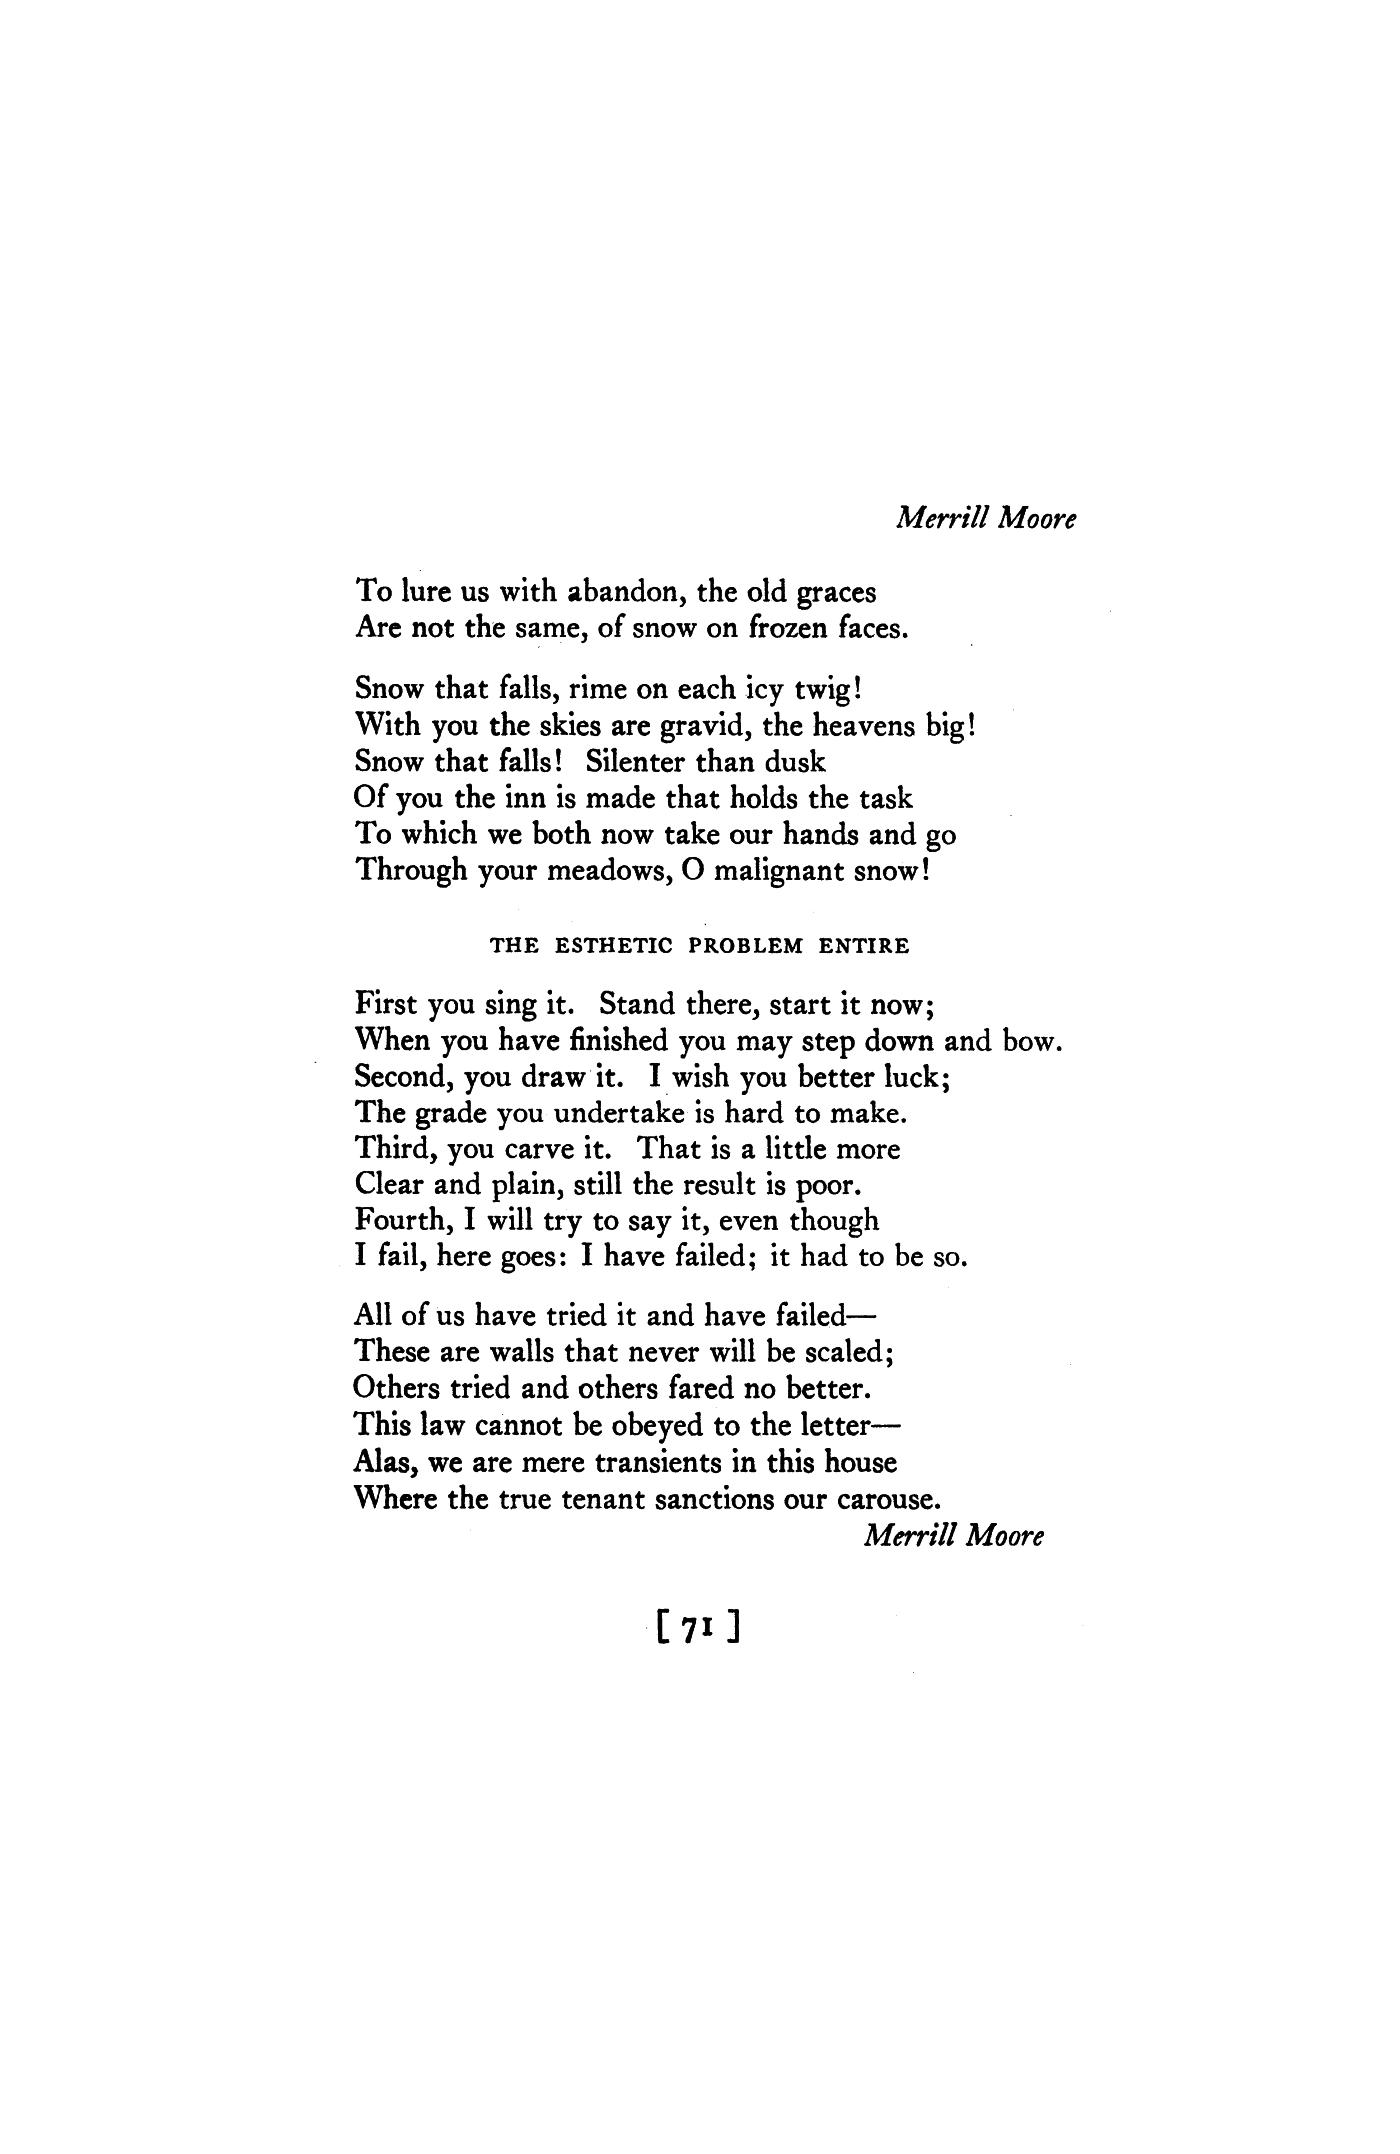 moore poetry